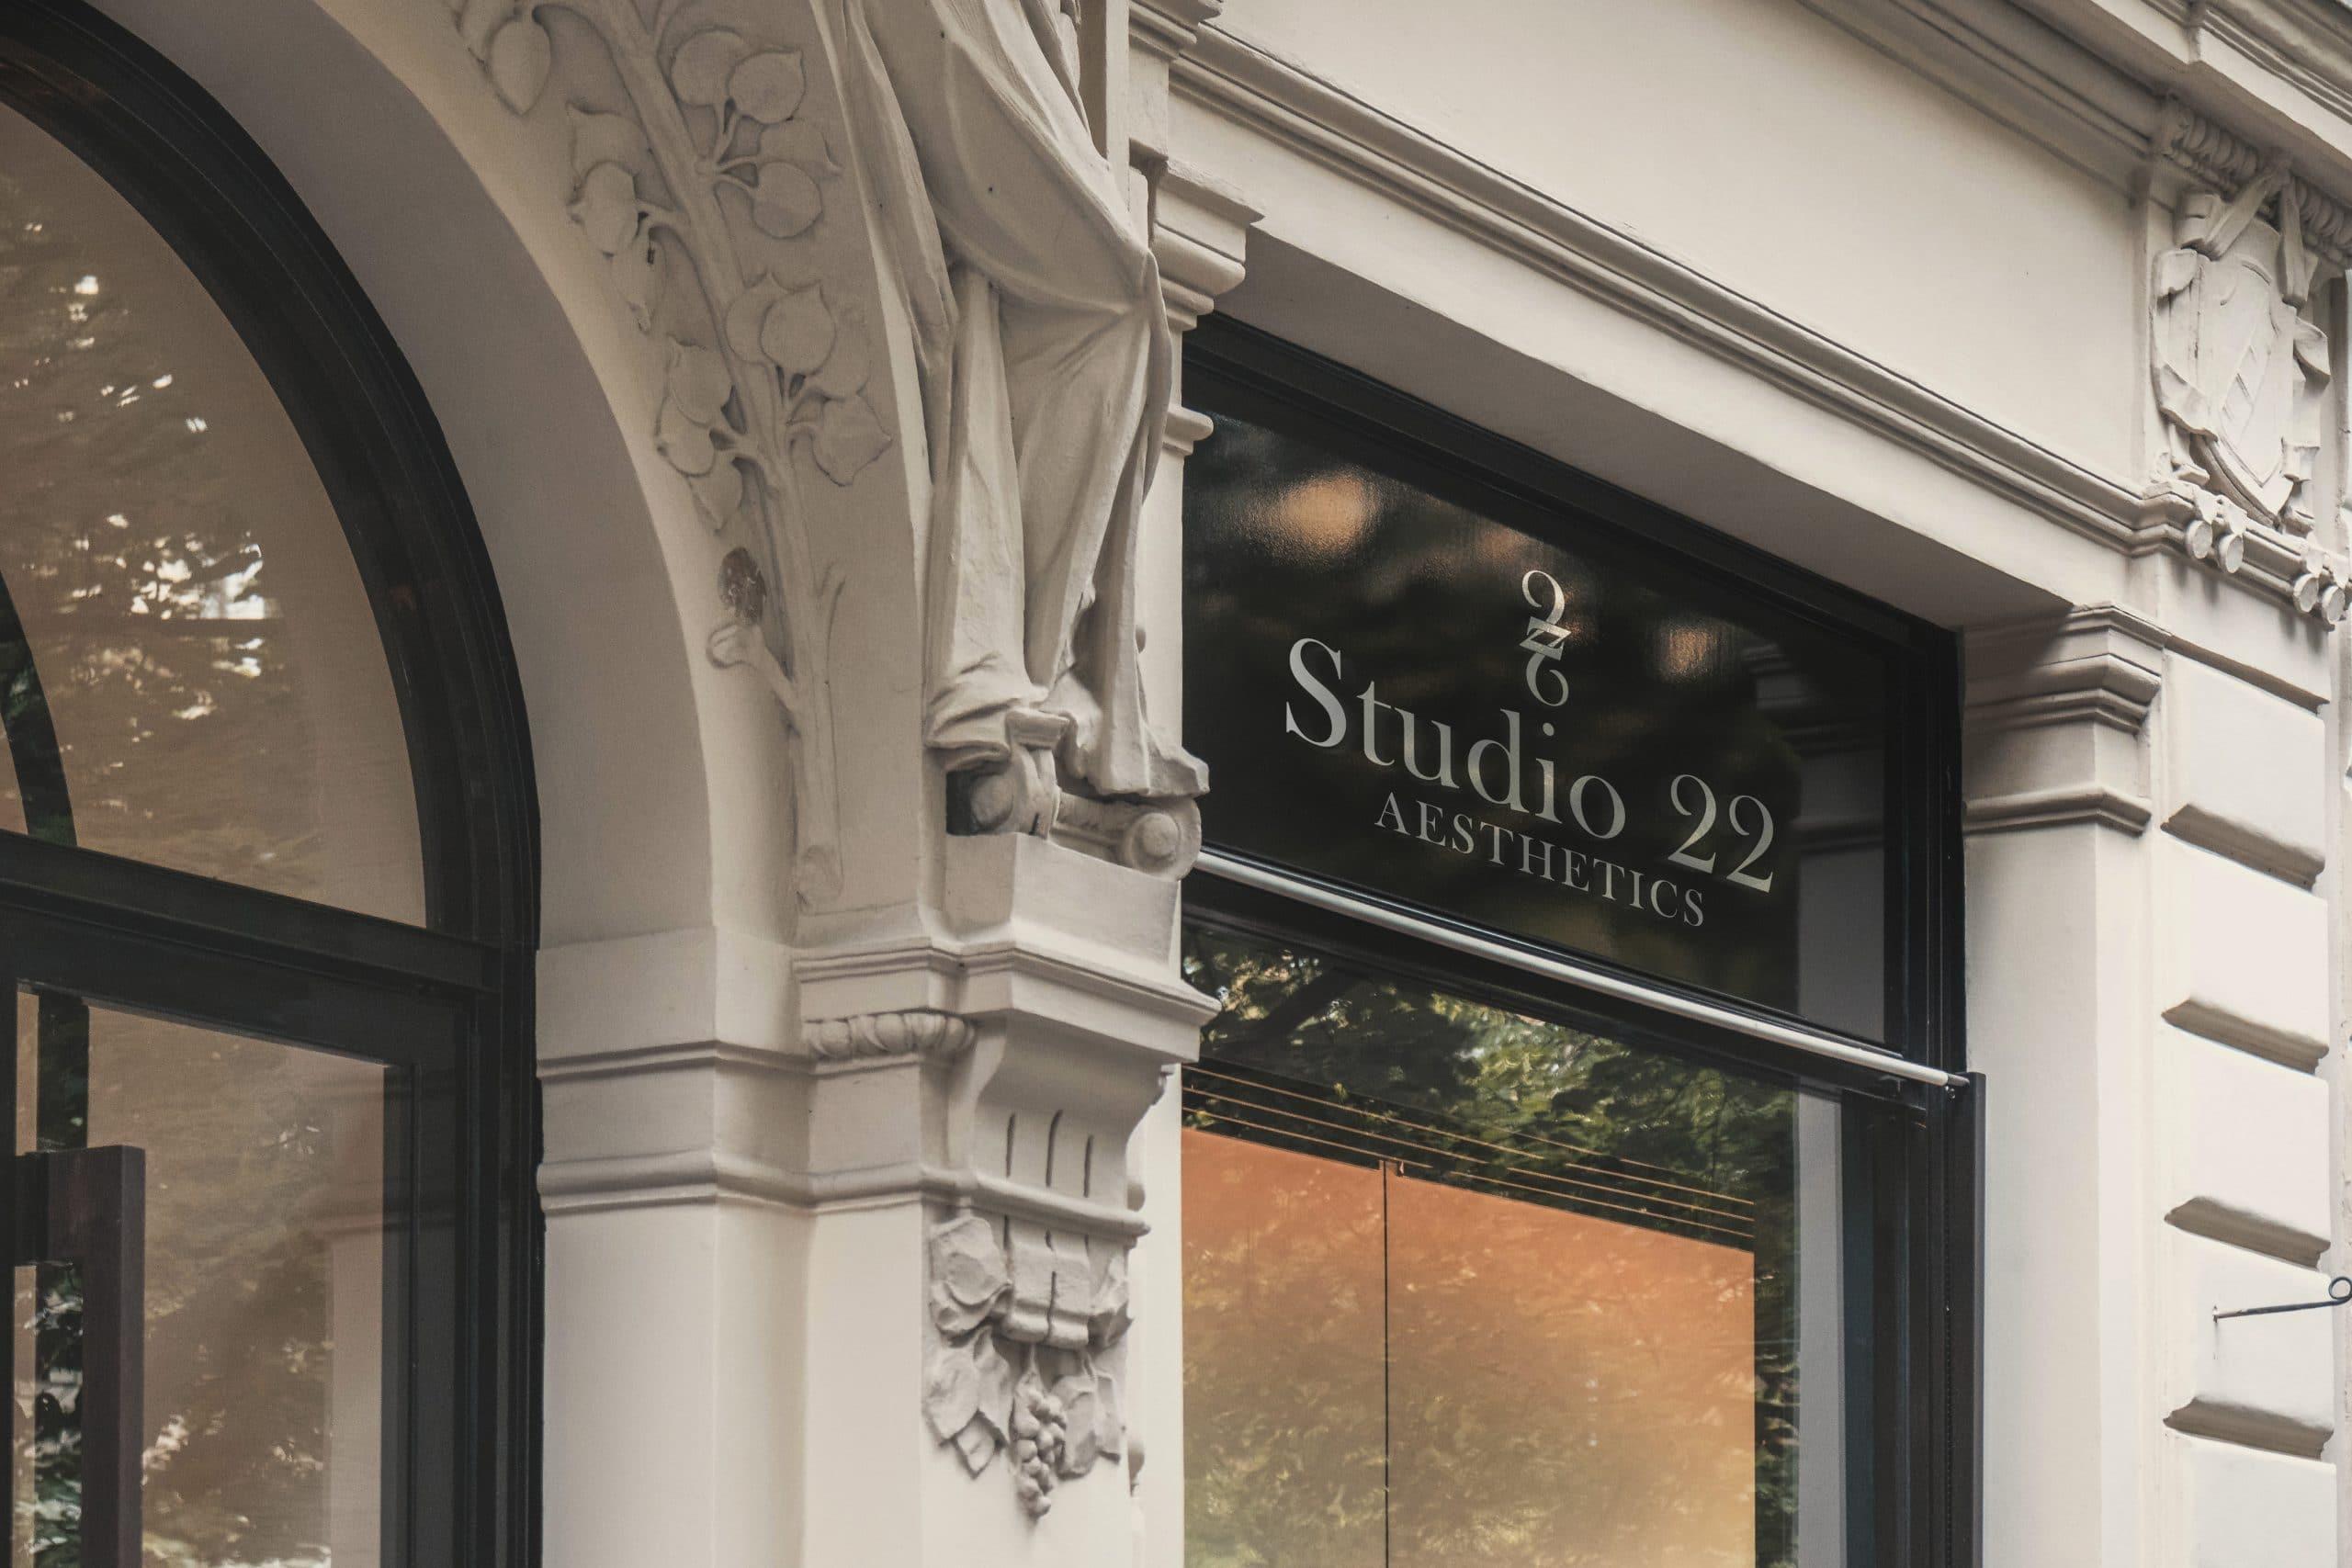 Studio 22 Aesthetics